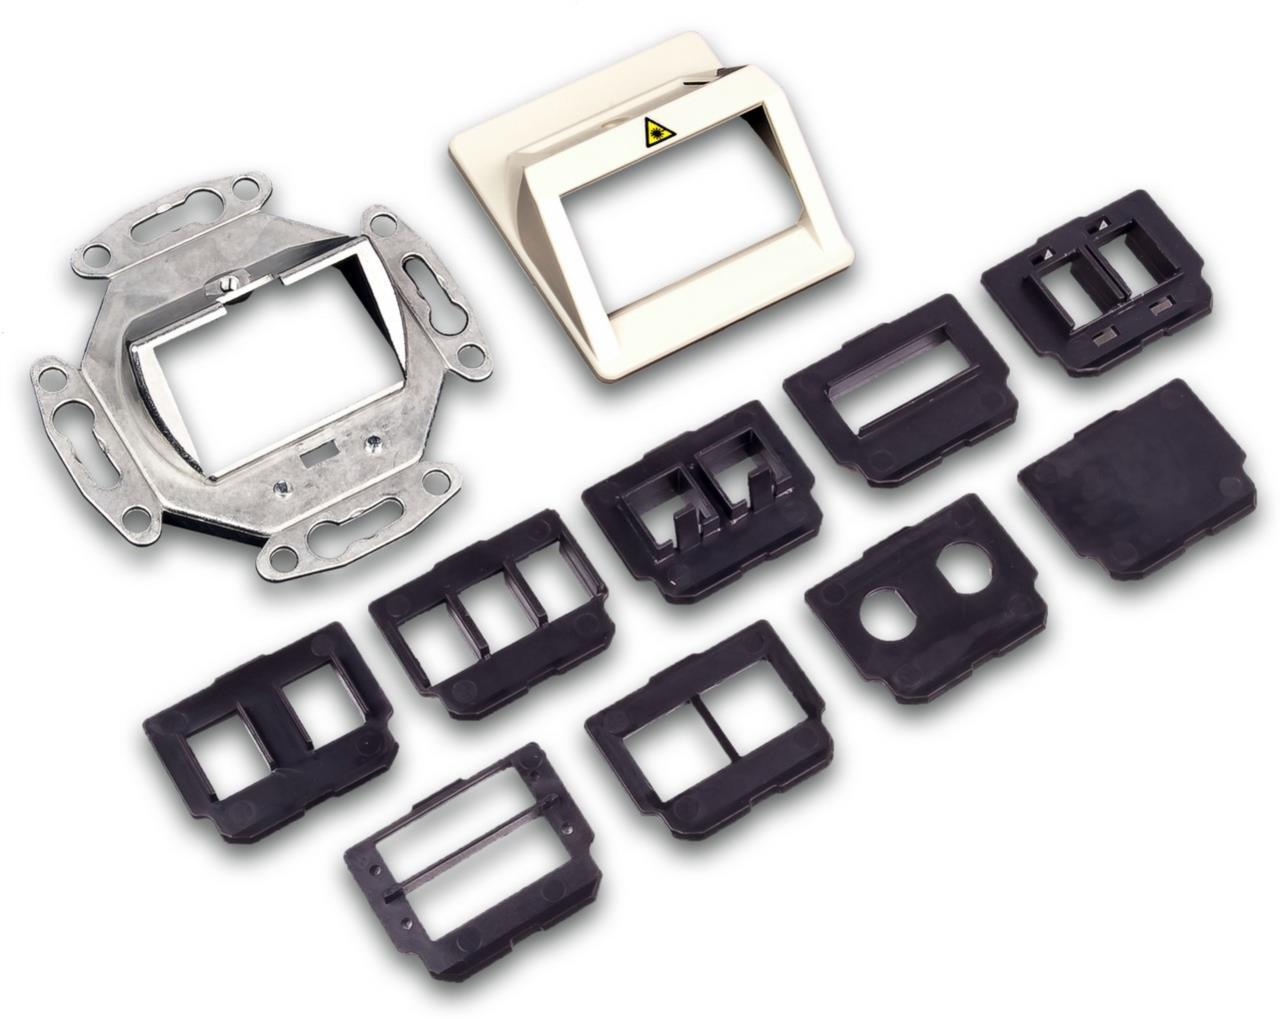 LWL Dose inkl. Adapterplatten für alle gängigen Adapter, beige